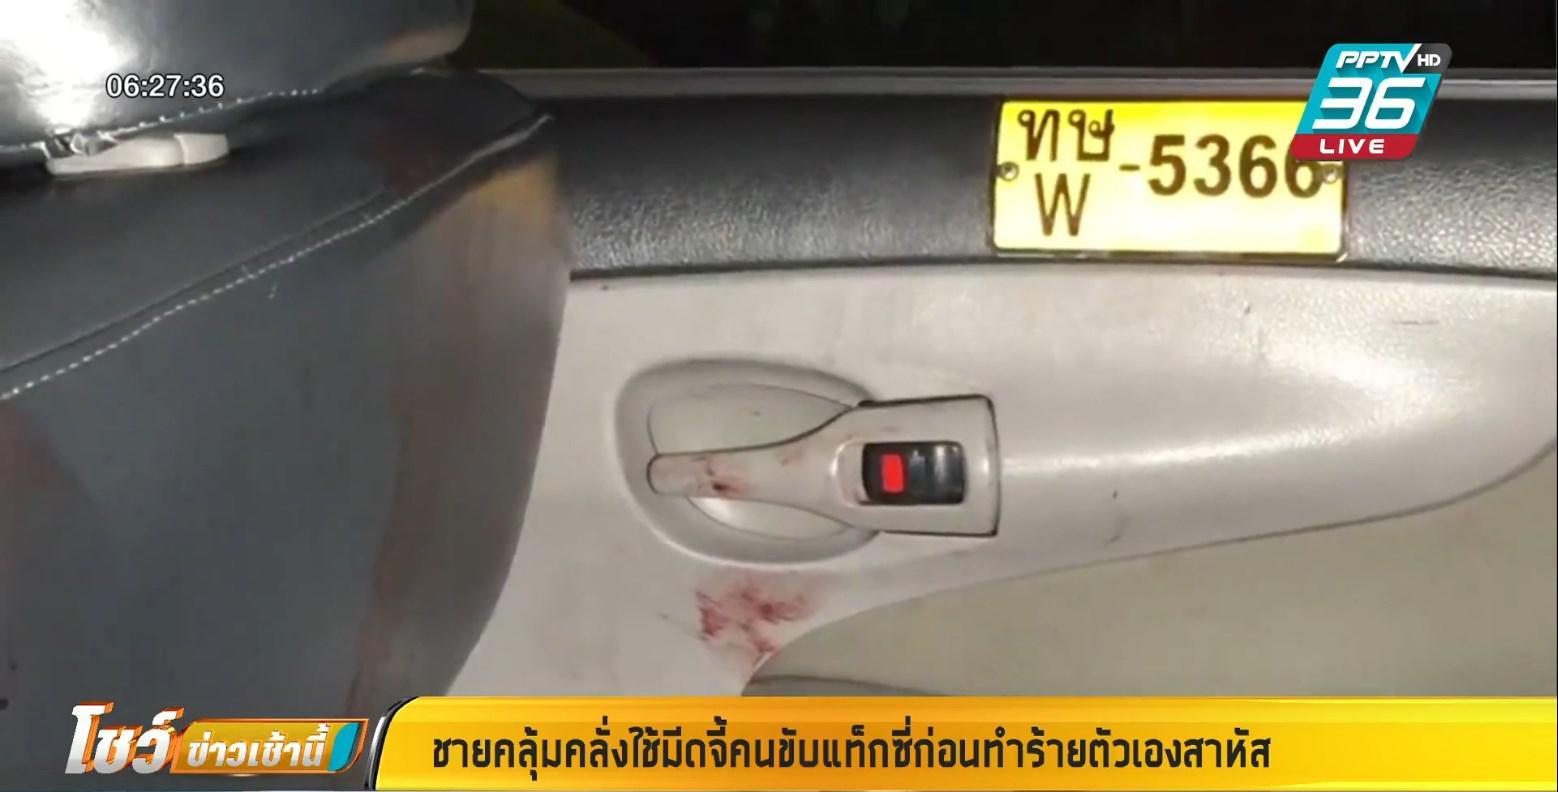 หนังเหนียว !! หนุ่มคลั่ง กระหน่ำแทงแท็กซี่ไม่ยั้ง แต่ไม่เข้า ก่อนแทงตัวเองสาหัส